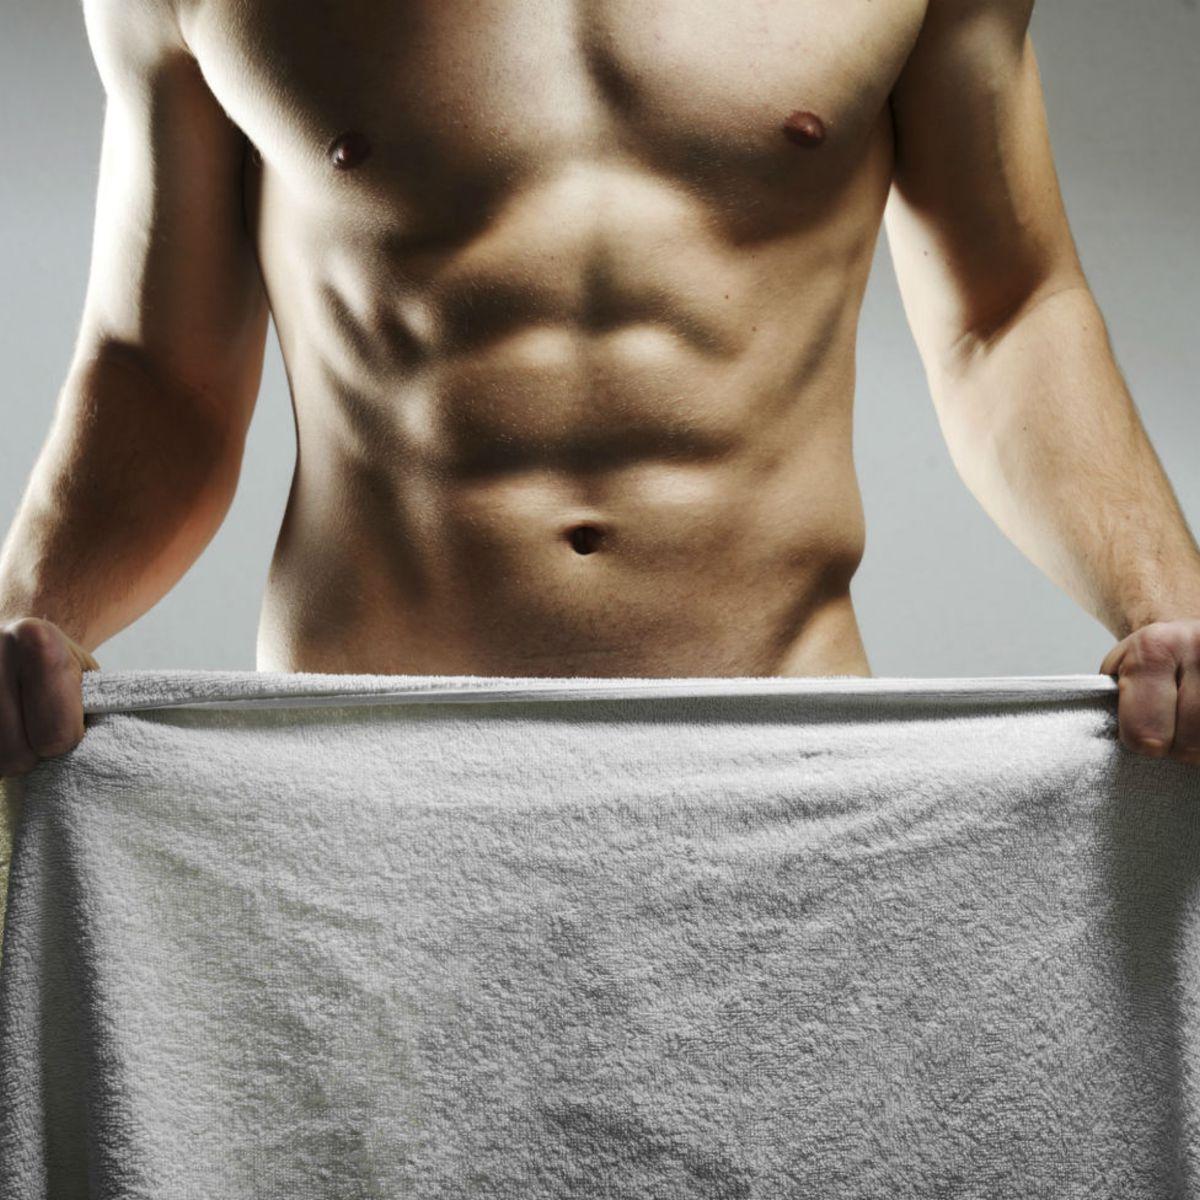 termékek, amelyek javítják a férfiak erekcióját